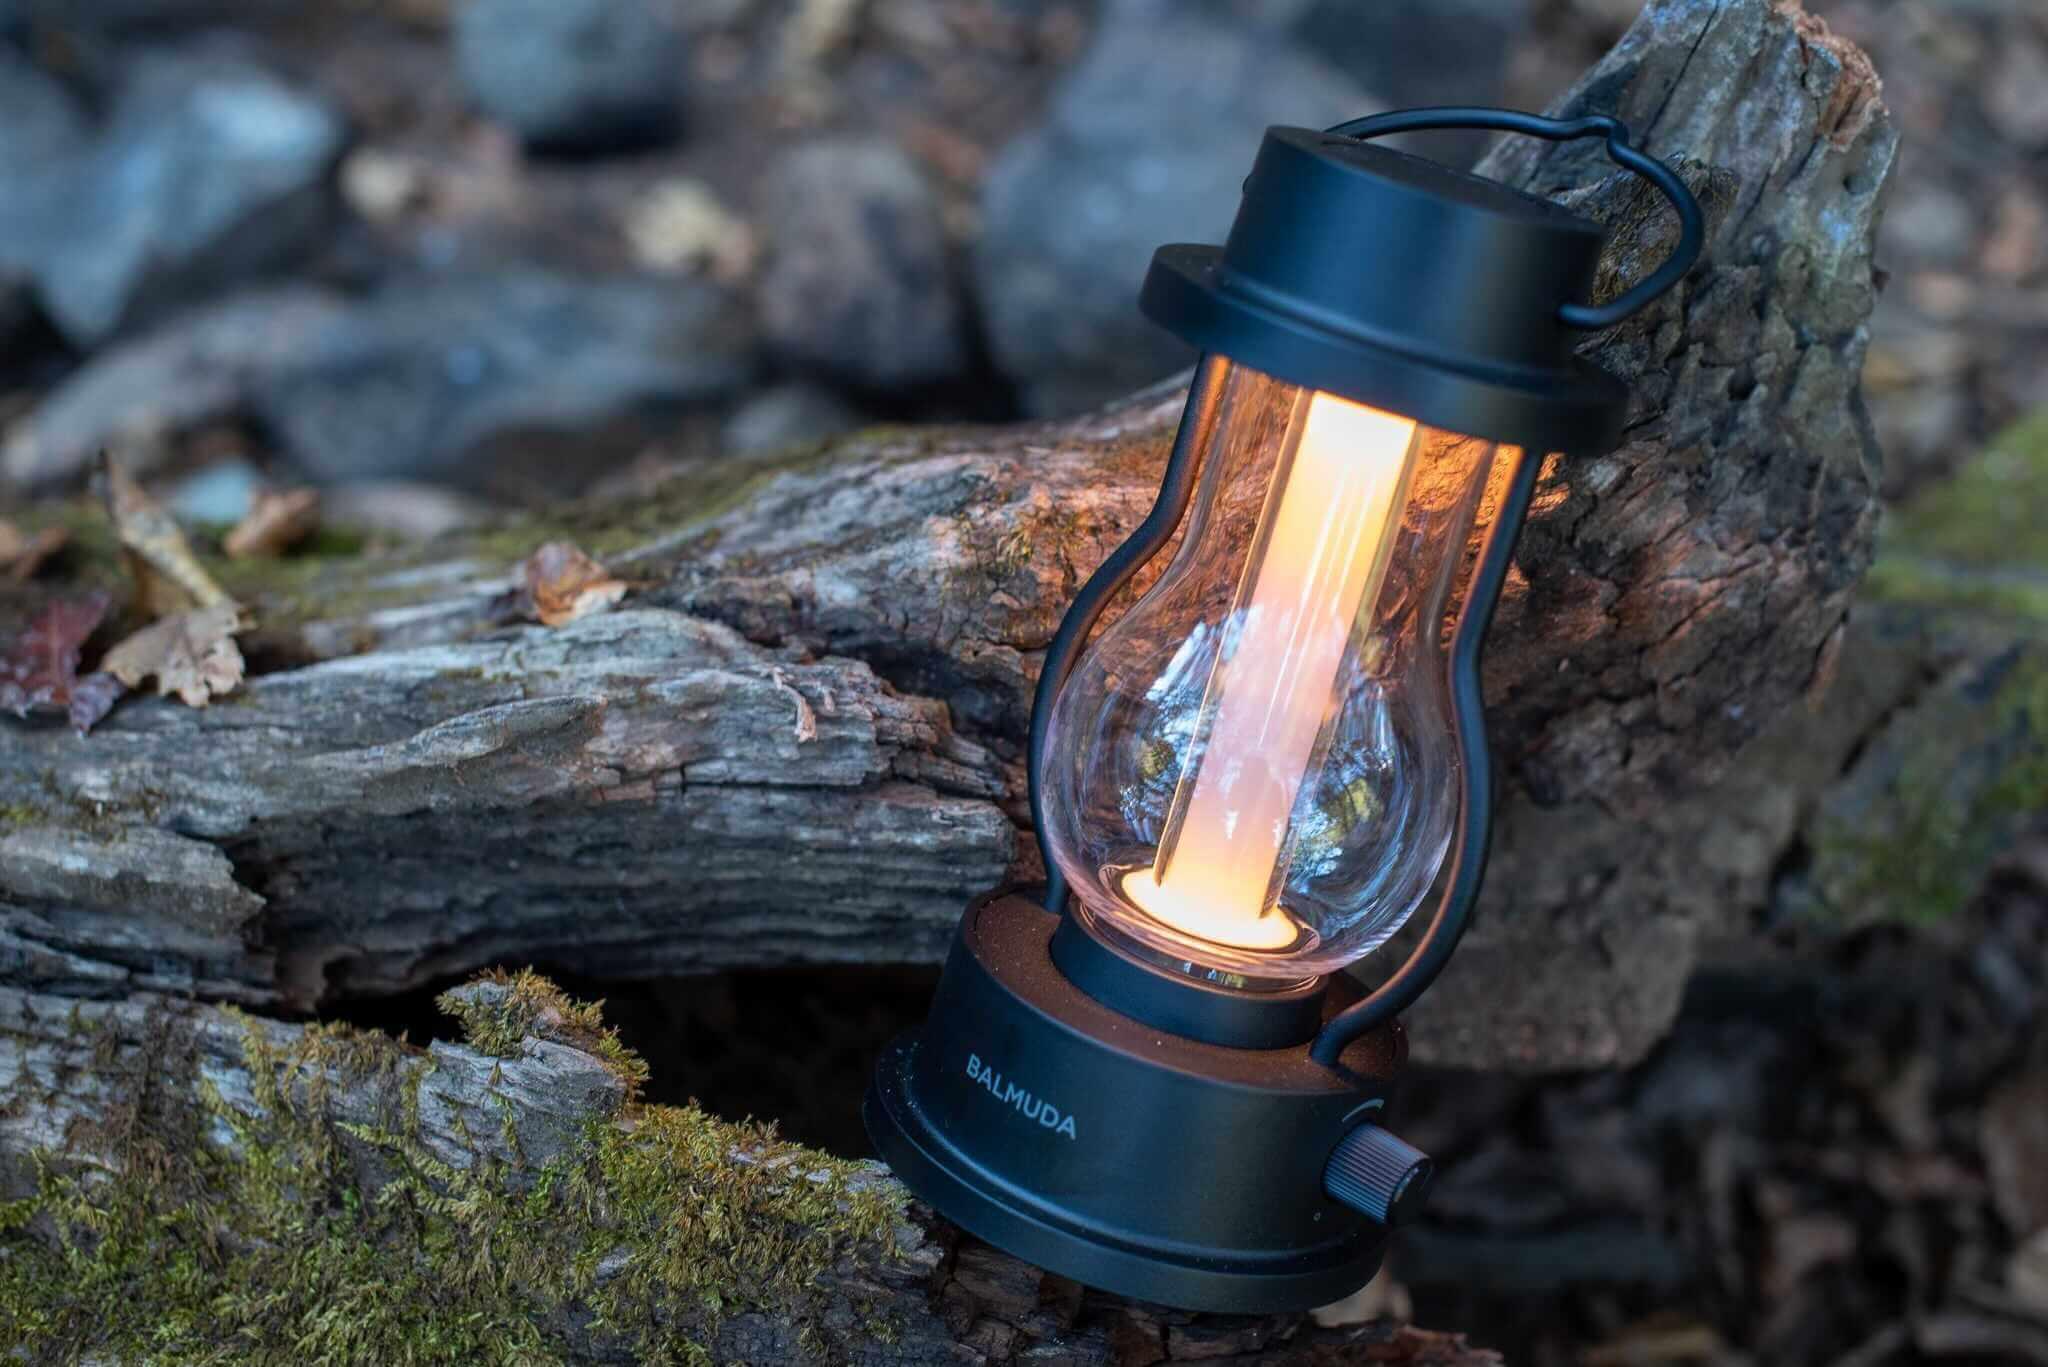 BALMUDA バルミューダ The Lantern L02Aをレビュー。野外使用できる万能LEDランタン